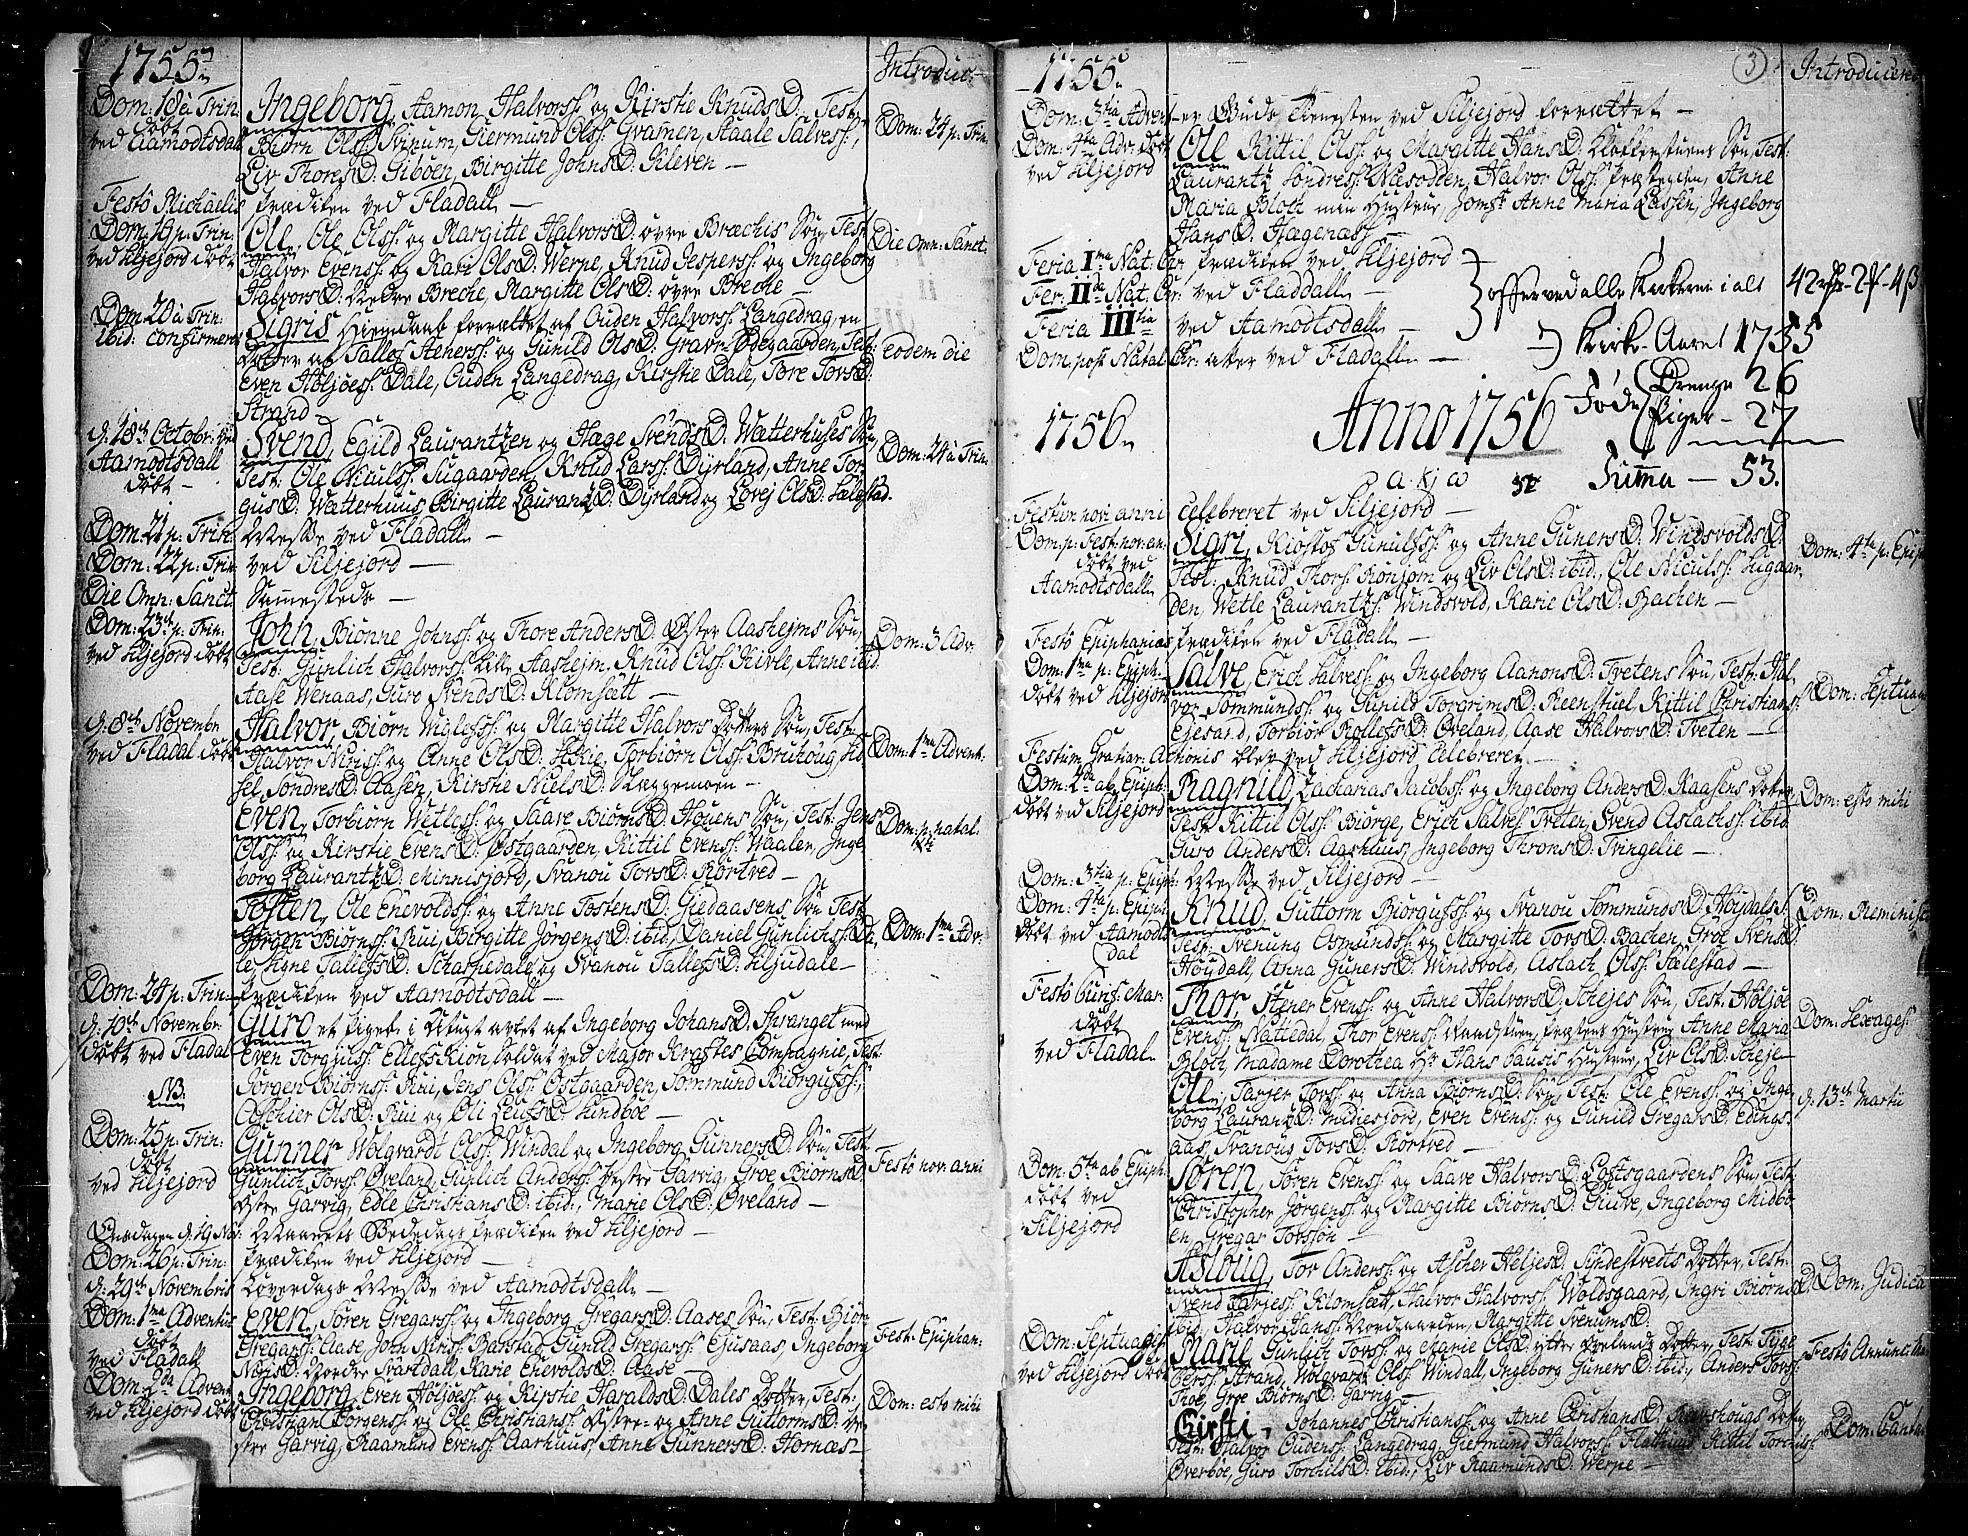 SAKO, Seljord kirkebøker, F/Fa/L0007: Ministerialbok nr. I 7, 1755-1800, s. 3